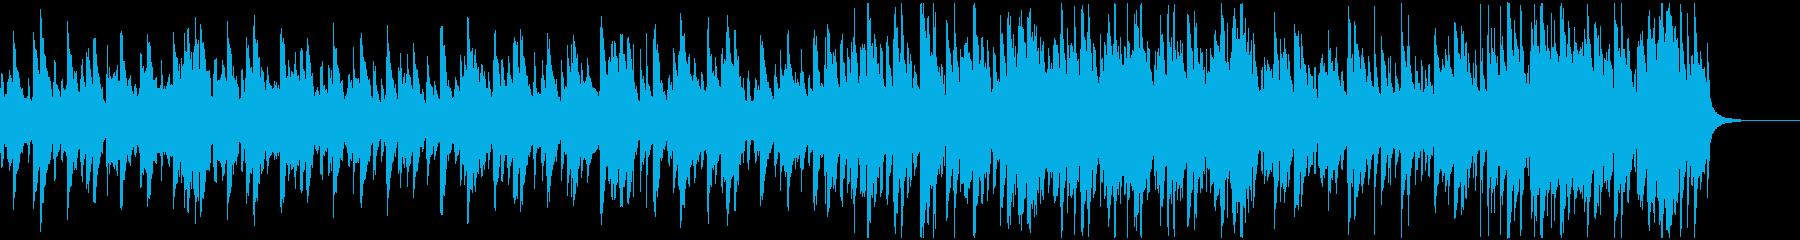 シンプルな和楽器とミディアム和テイスの再生済みの波形